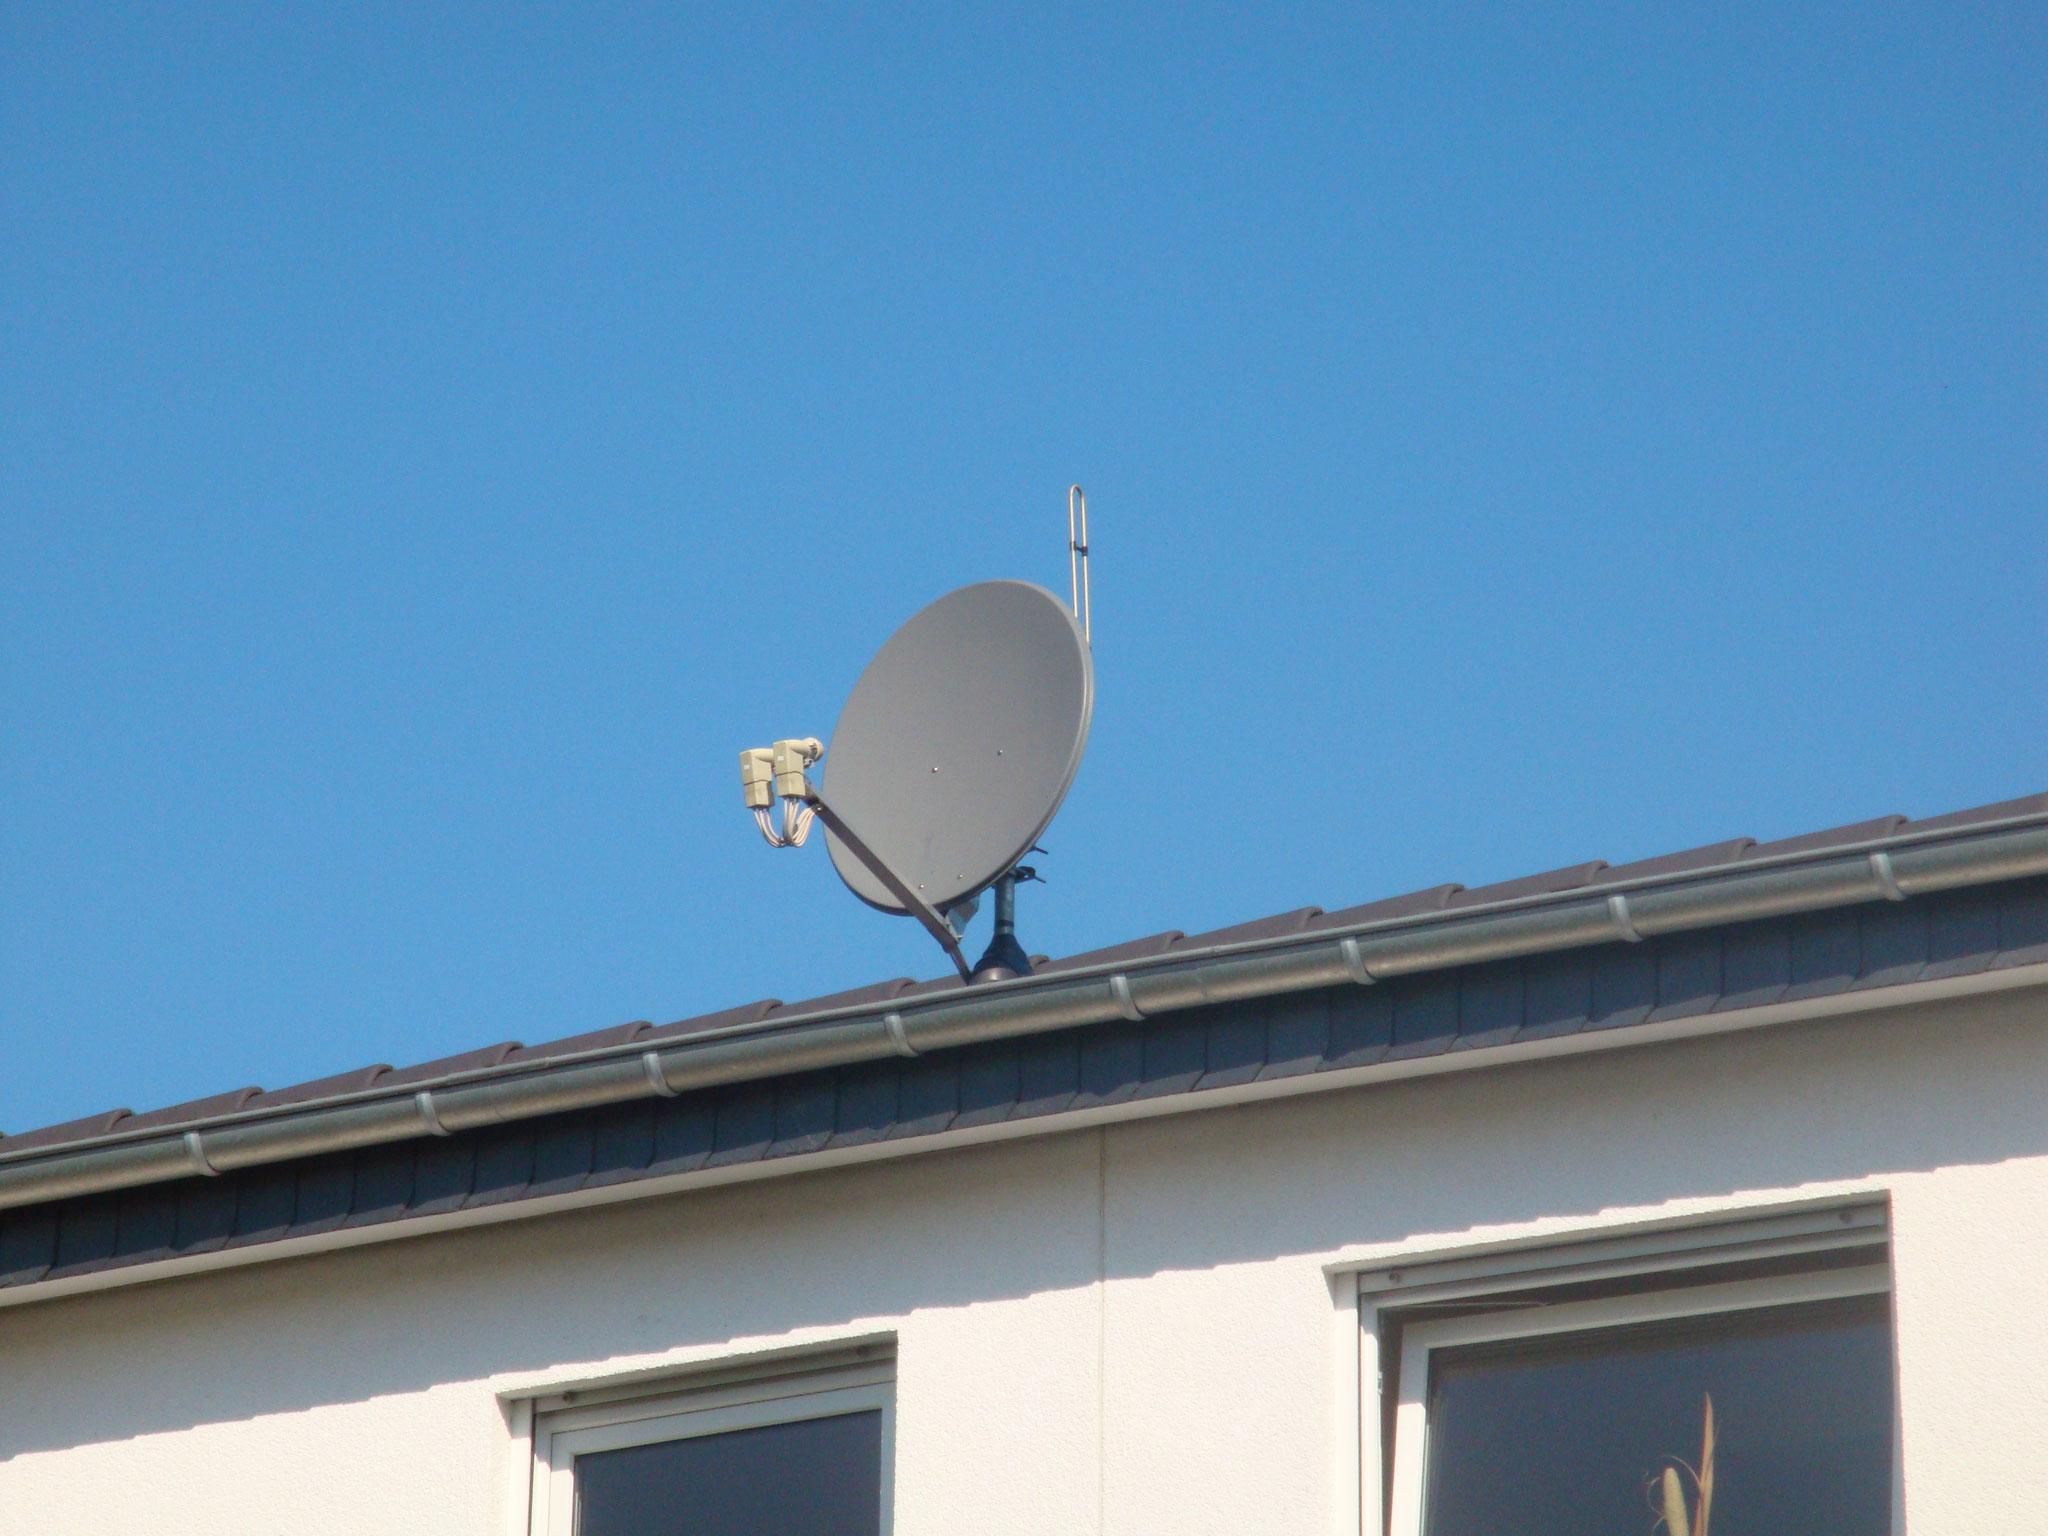 Satelitenempfang z.B. Astra und Eutel